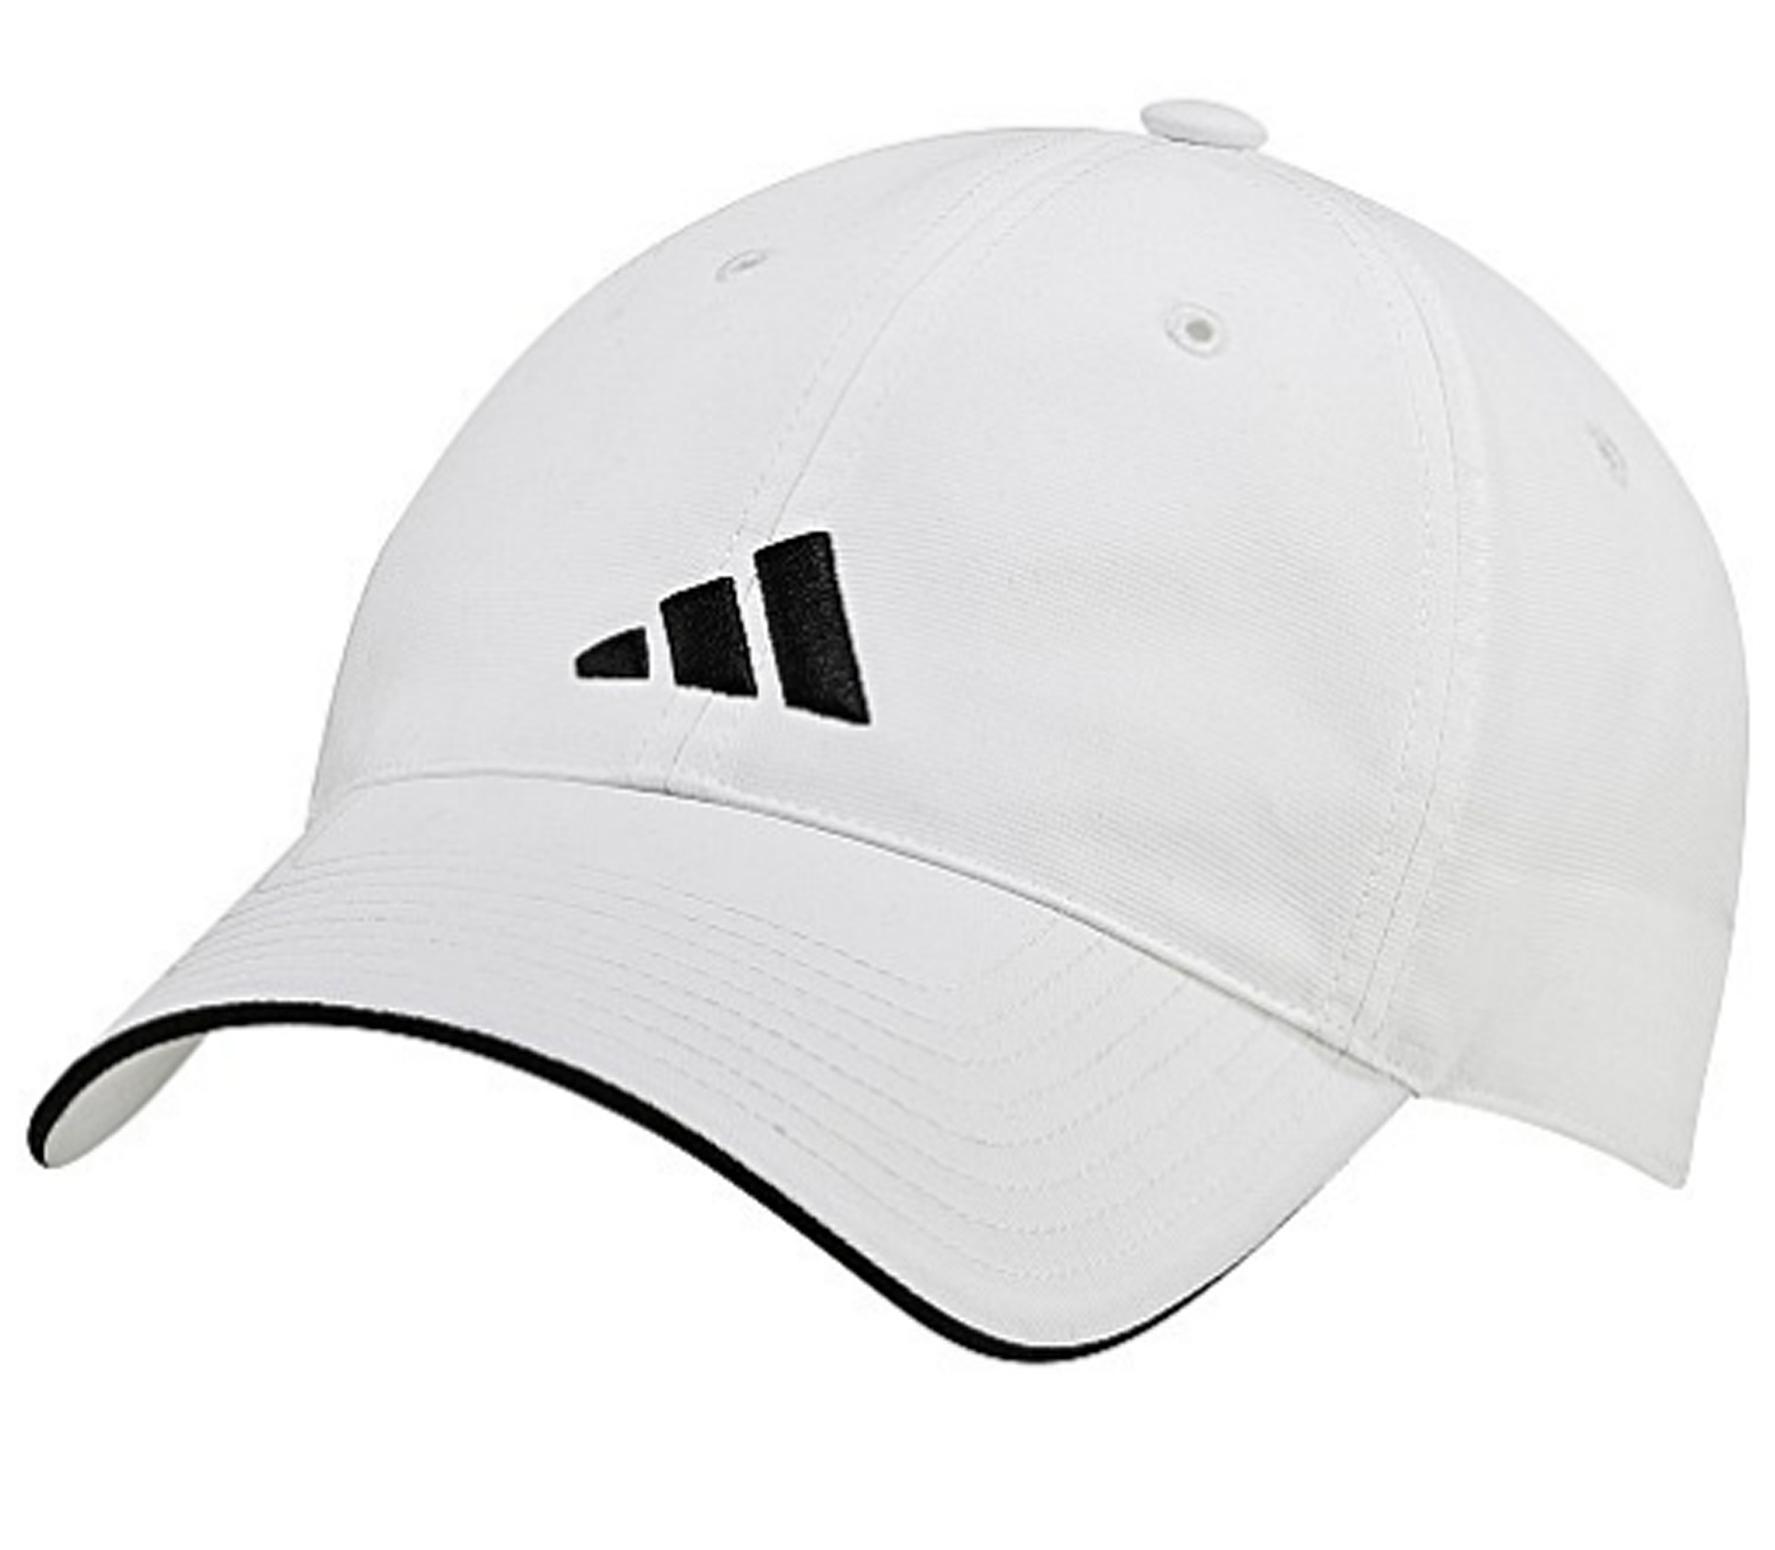 Adidas Clima365 Running Cap mit ClimaLite Weiß zu verkaufen